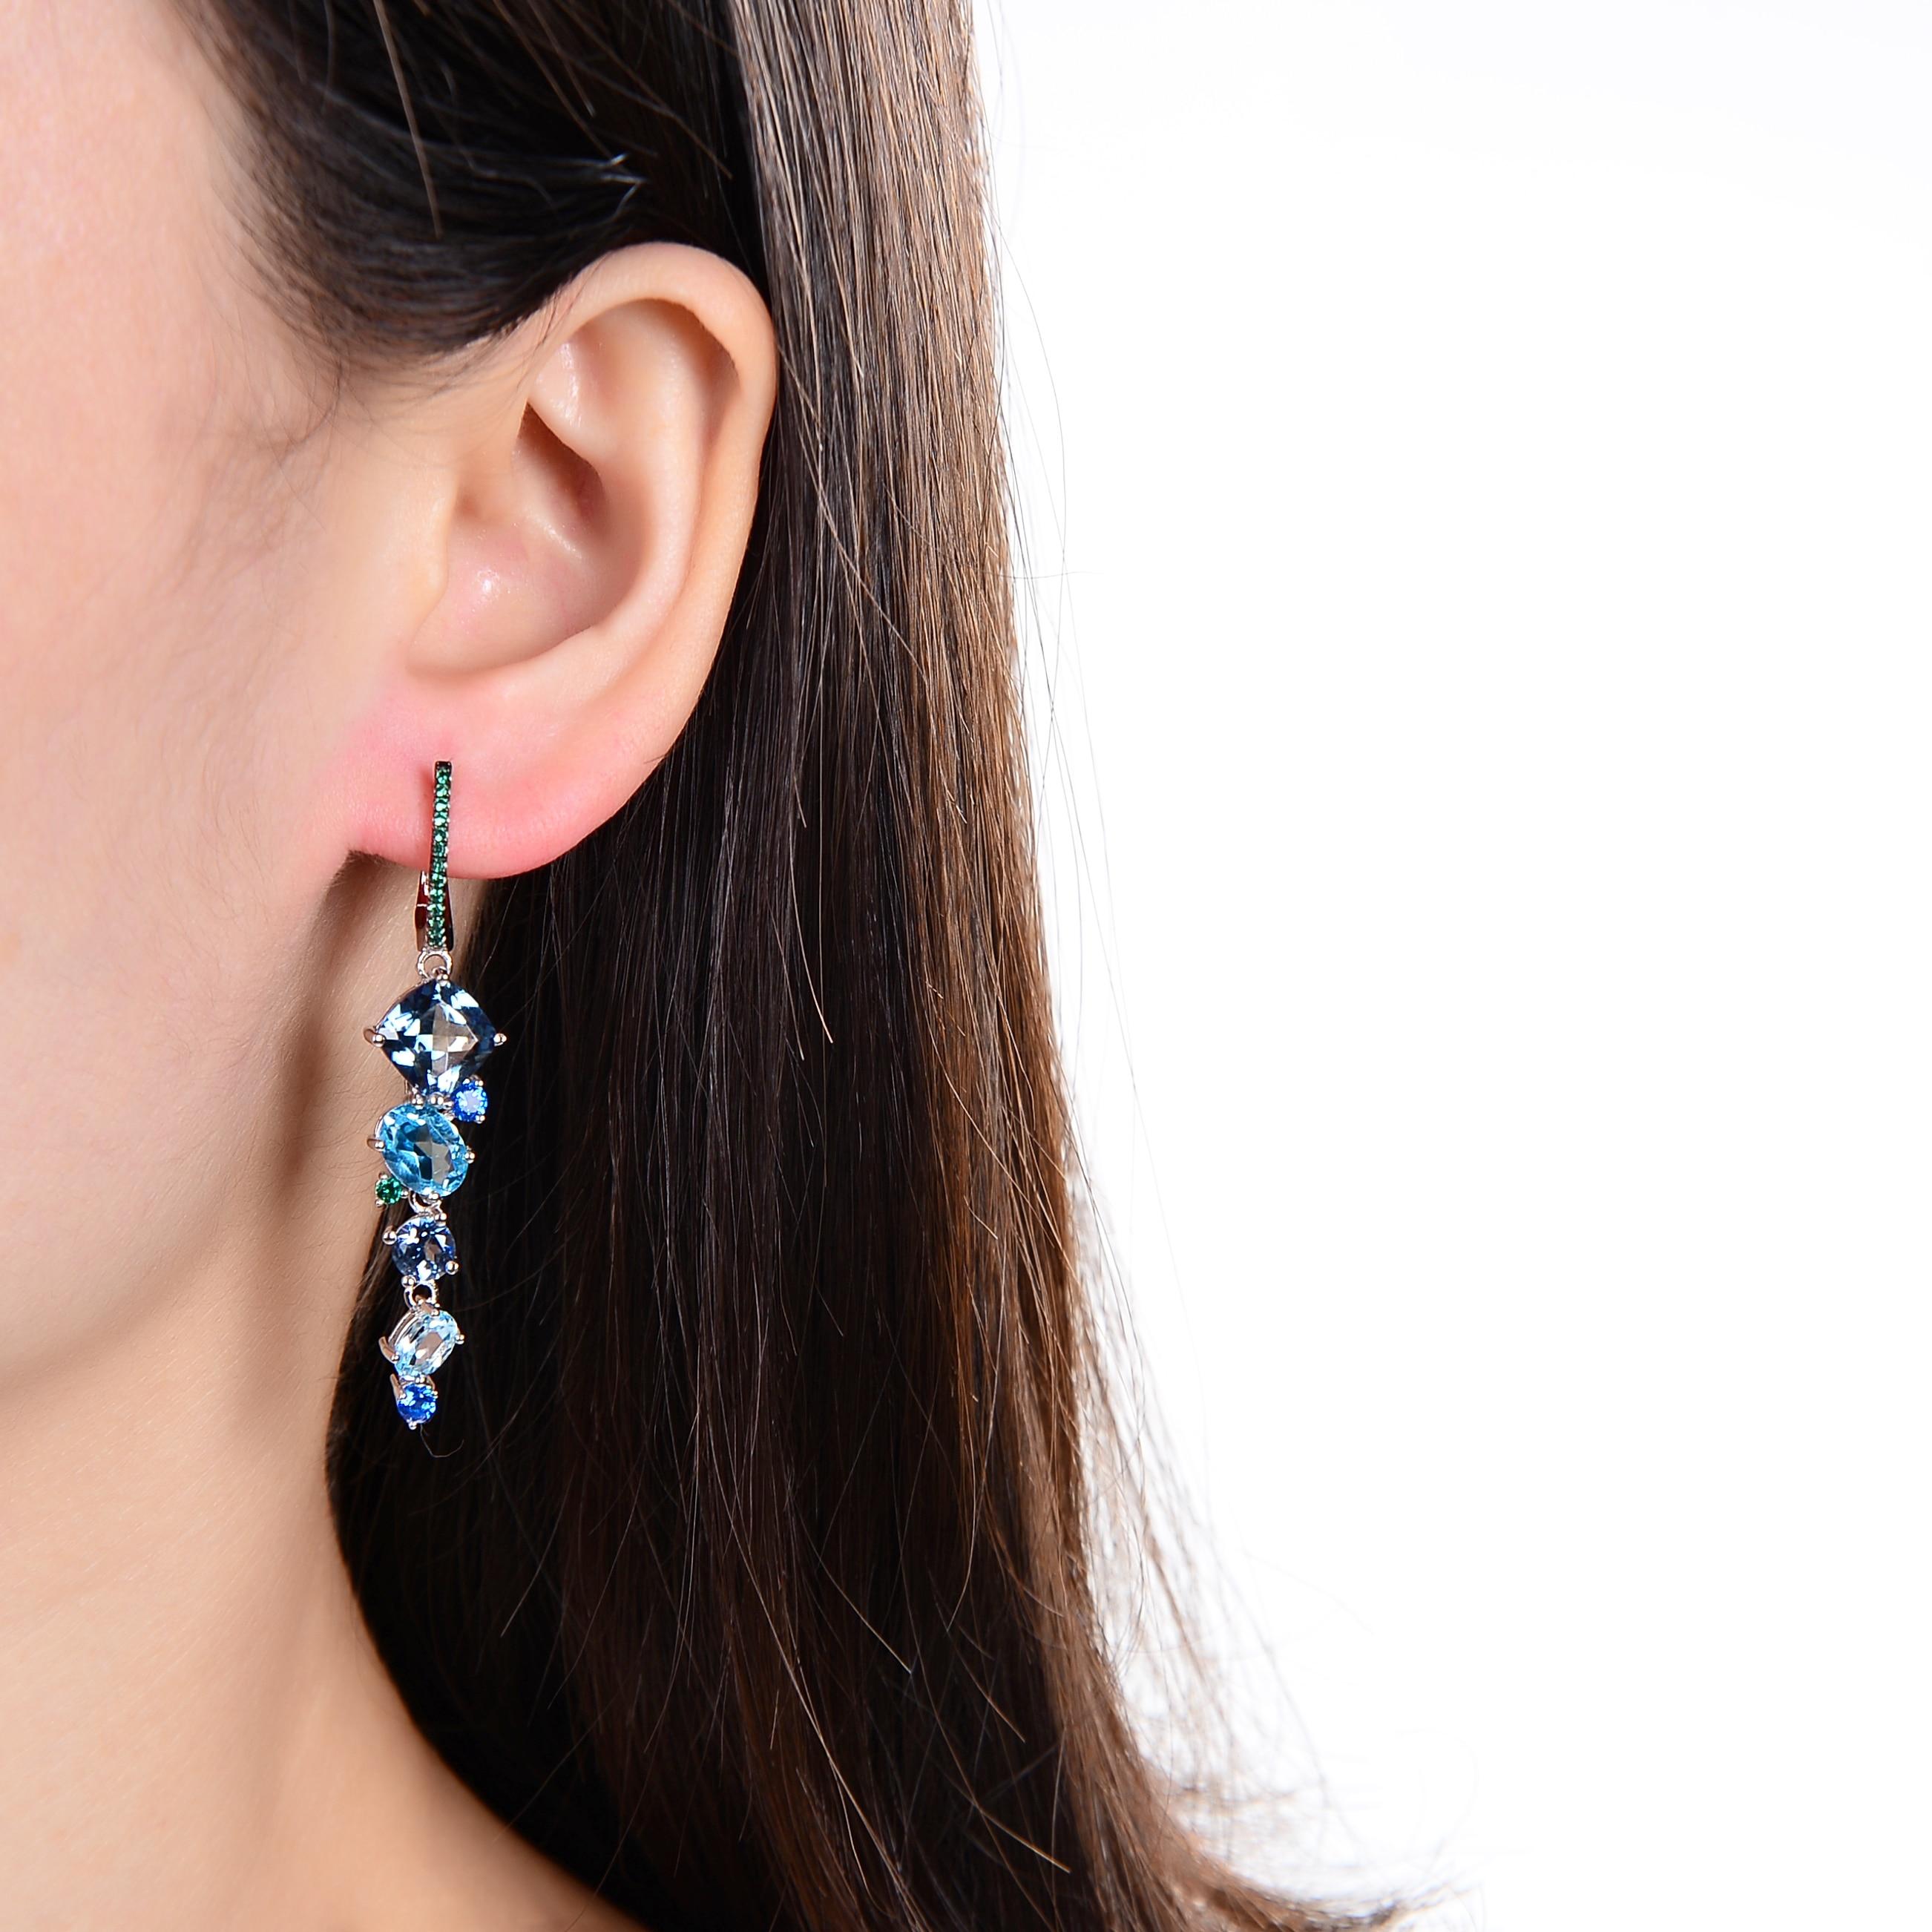 GEM'S الباليه-أقراط باليه من الفضة الإسترليني عيار 925 ، مجوهرات مصنوعة يدويًا ، كوارتز صوفي طبيعي ، توباز ، للنساء ، لحفلات الزفاف